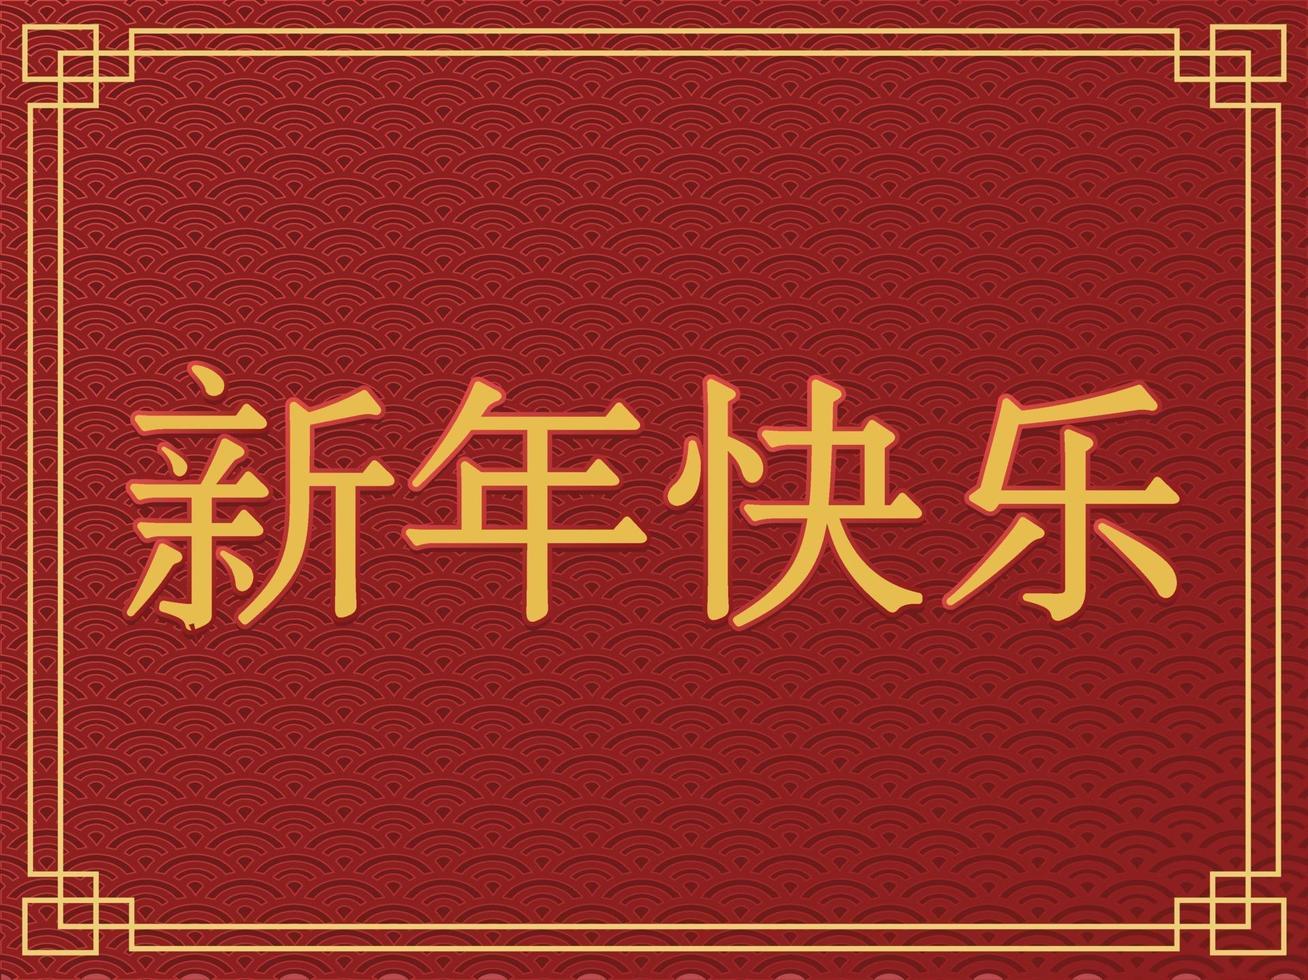 caligrafía china 2021 años, traducción de palabras chinas. vector